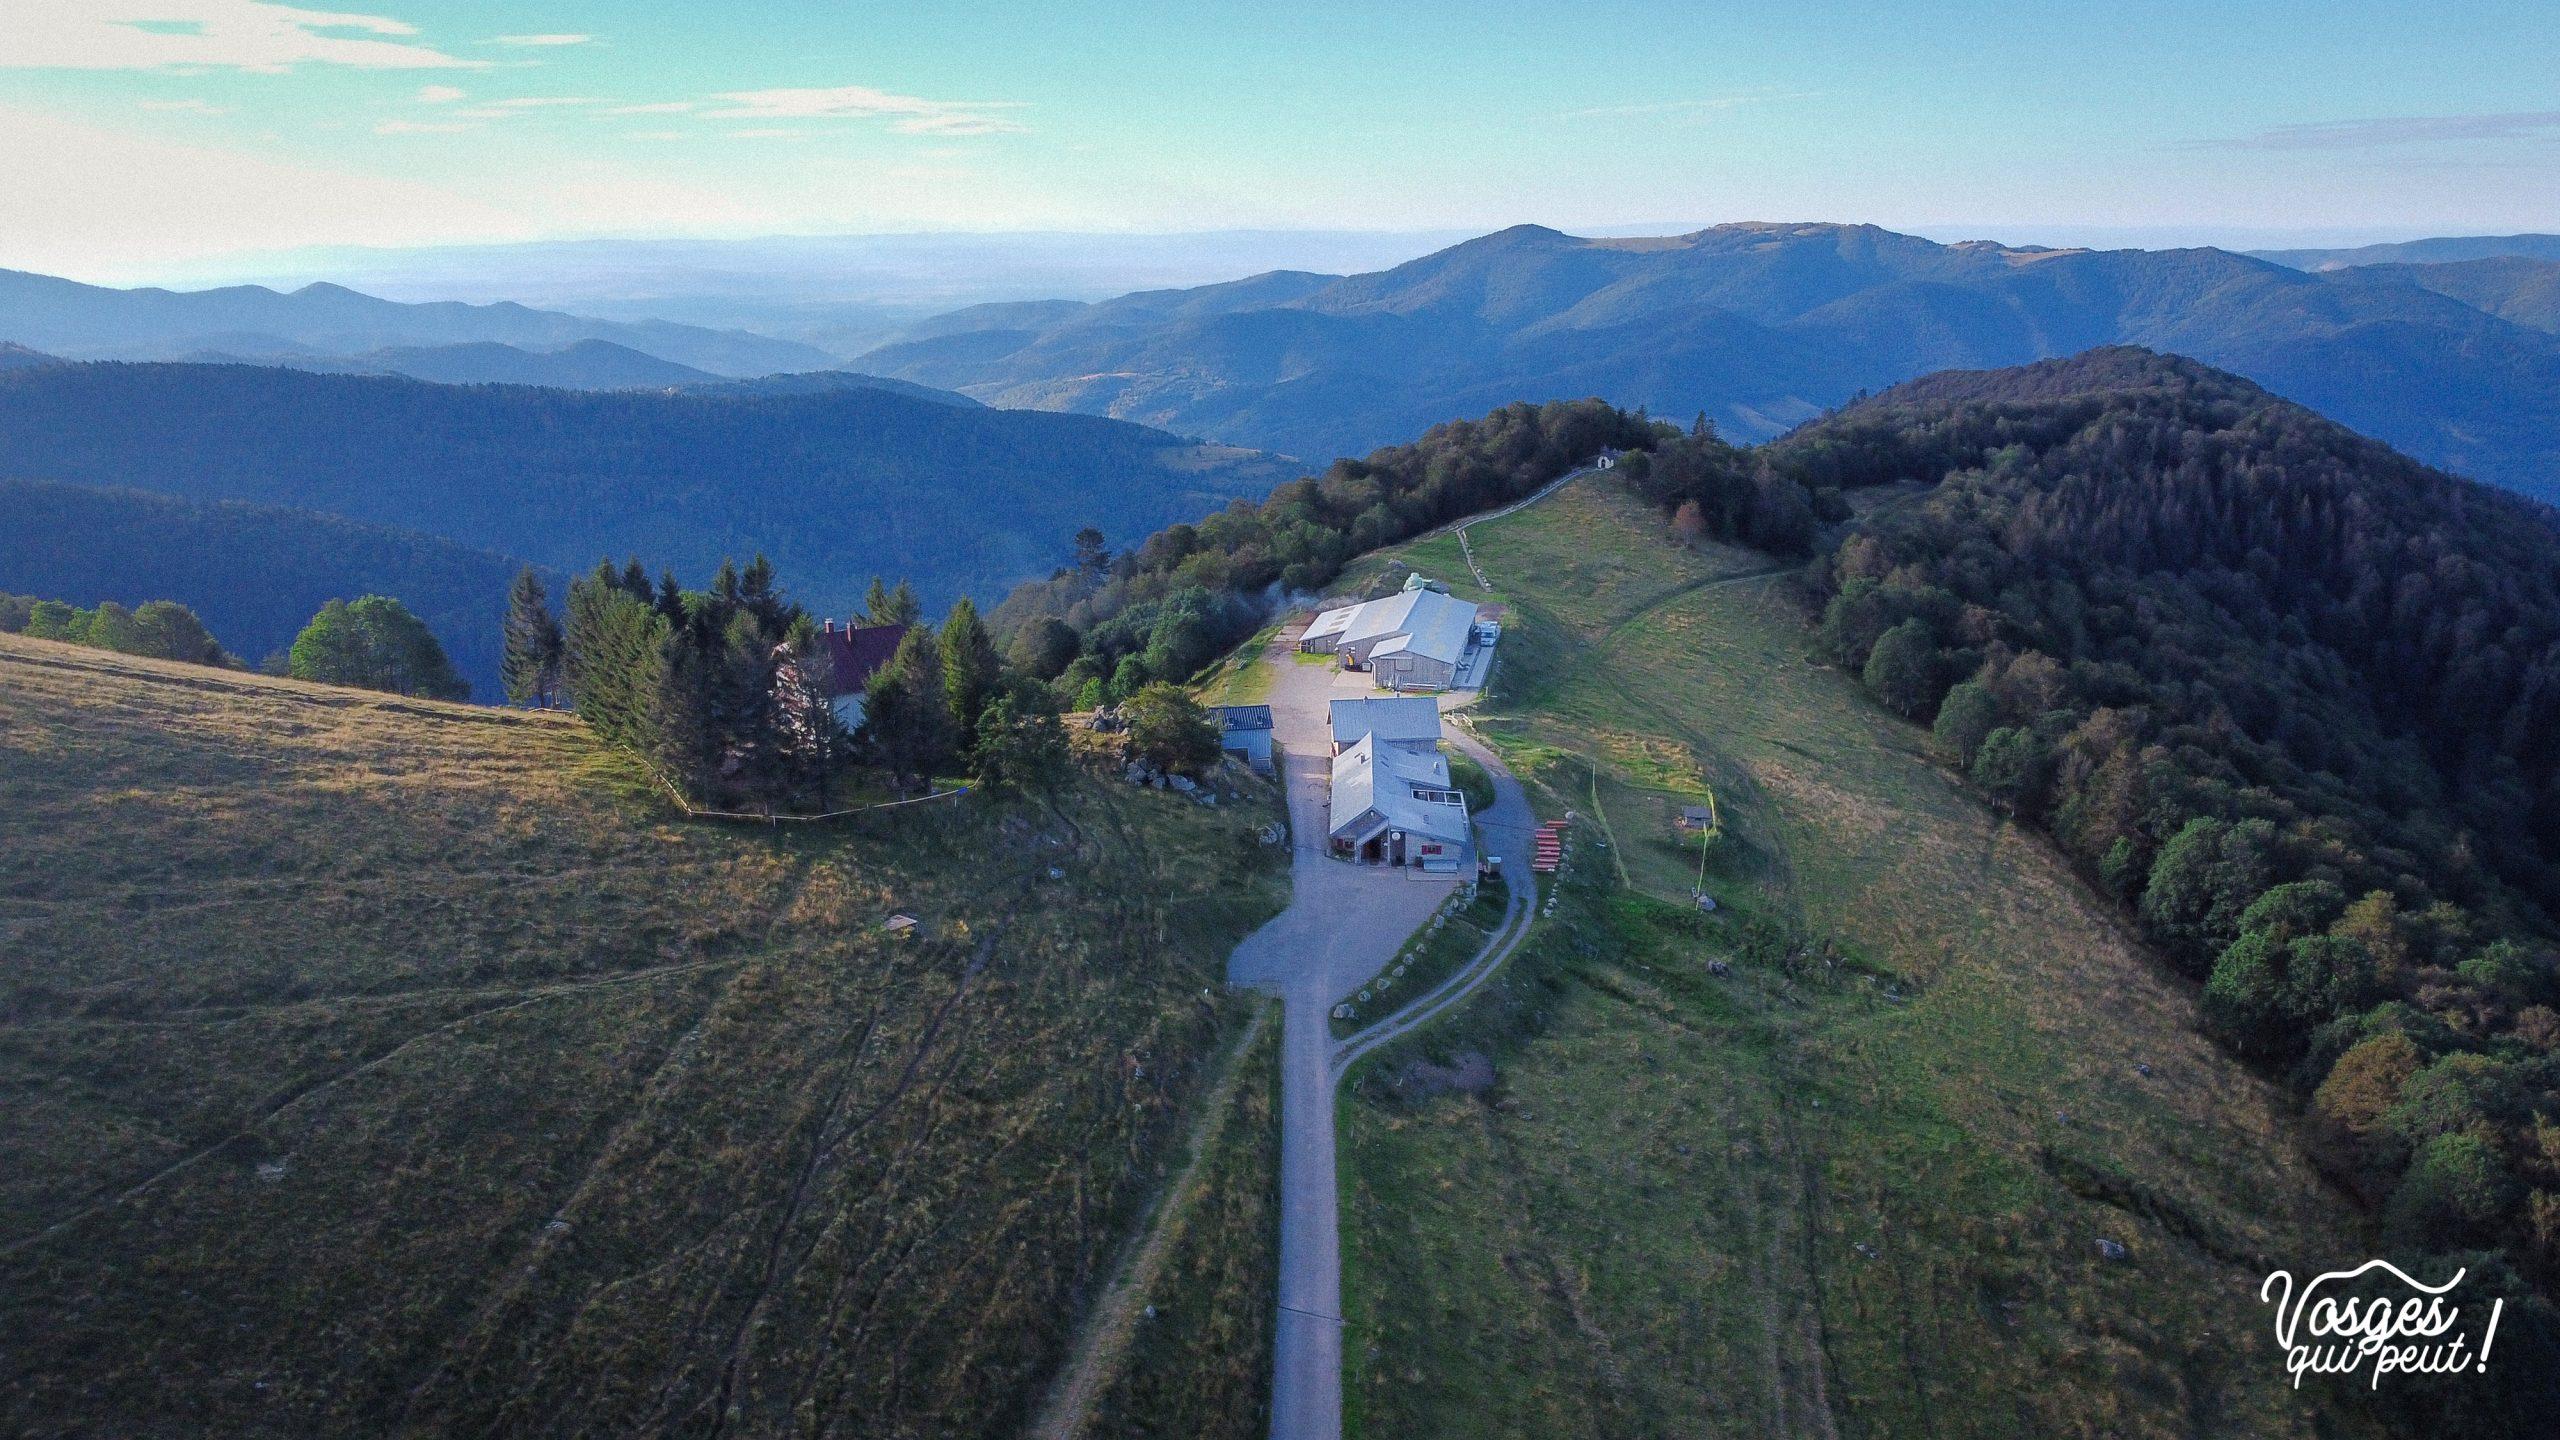 Vue aérienne de la ferme-auberge du Treh dans les Vosges